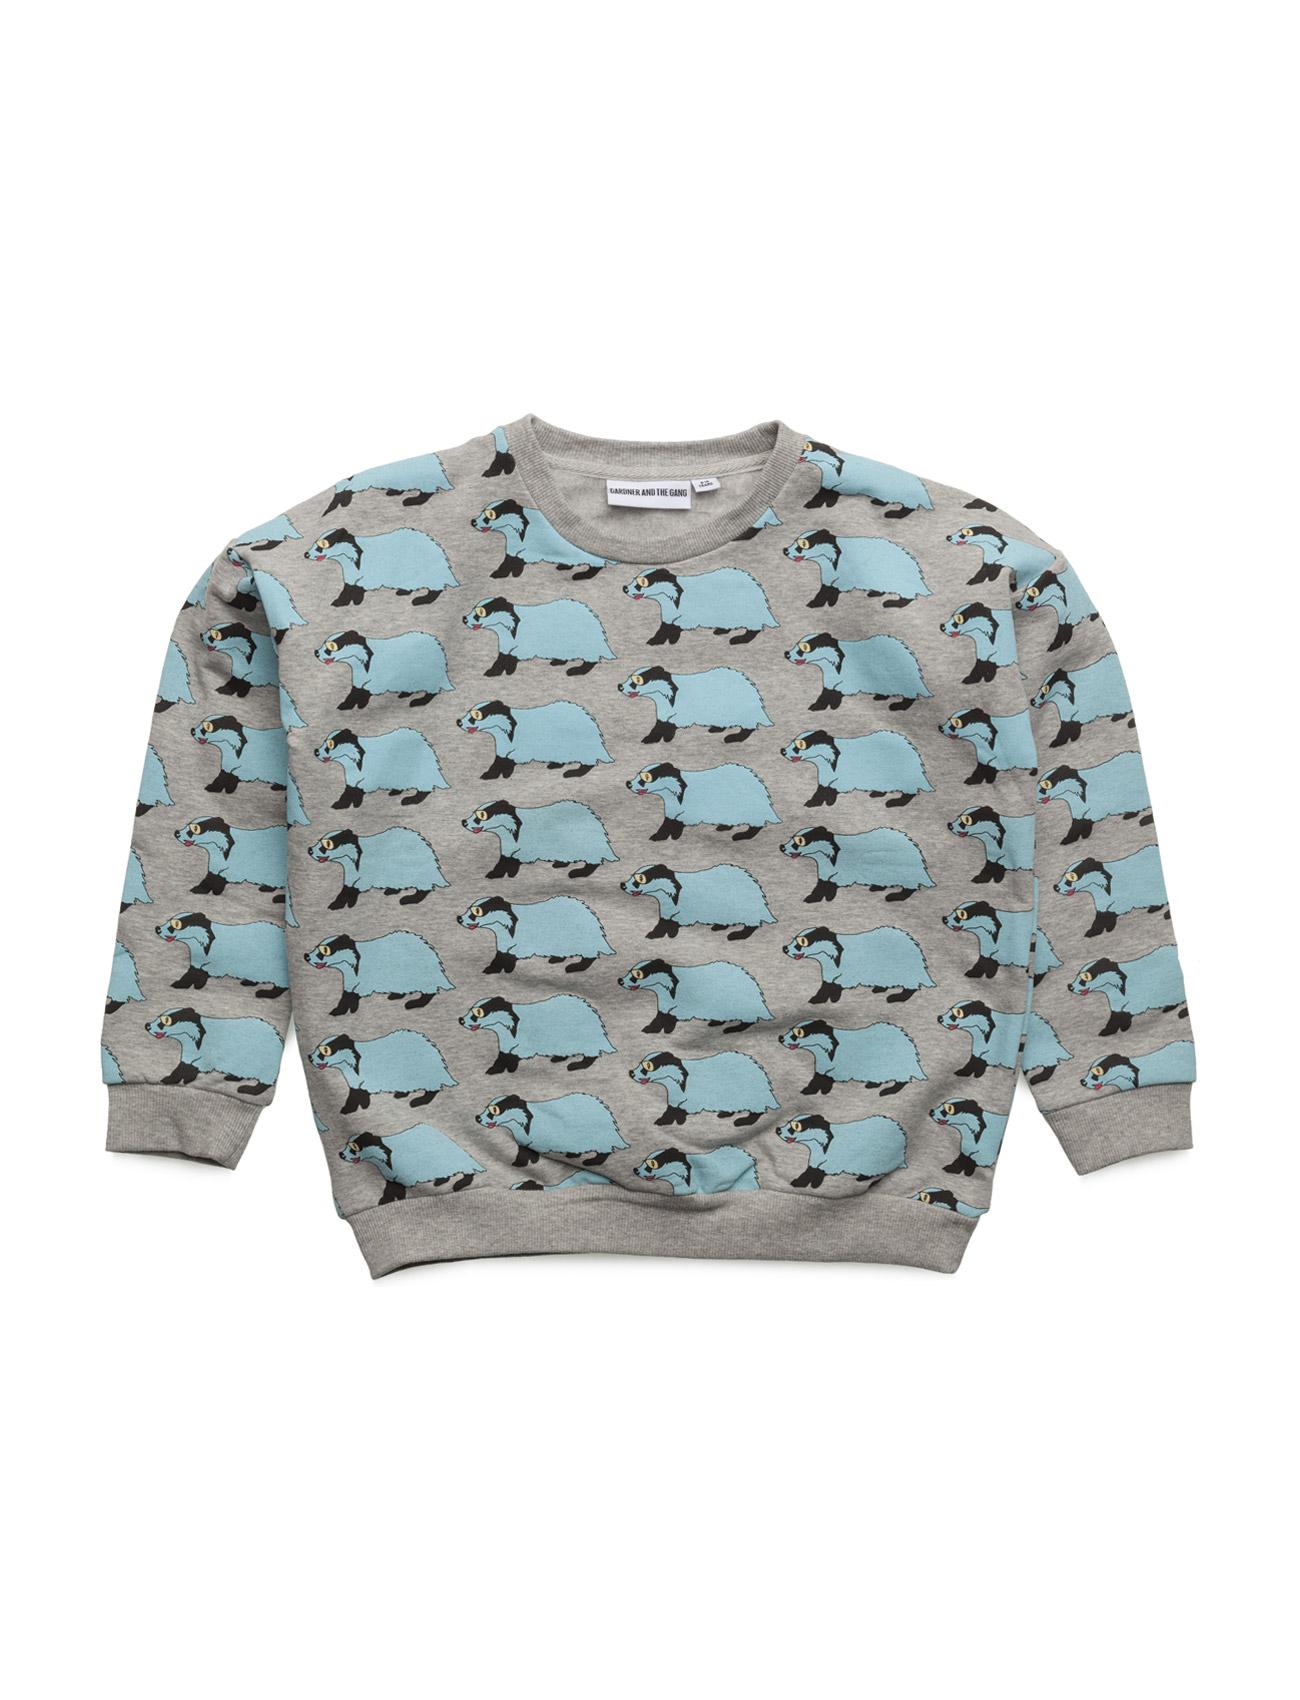 The classic sweater betty the badger fra gardner & the gang på boozt.com dk